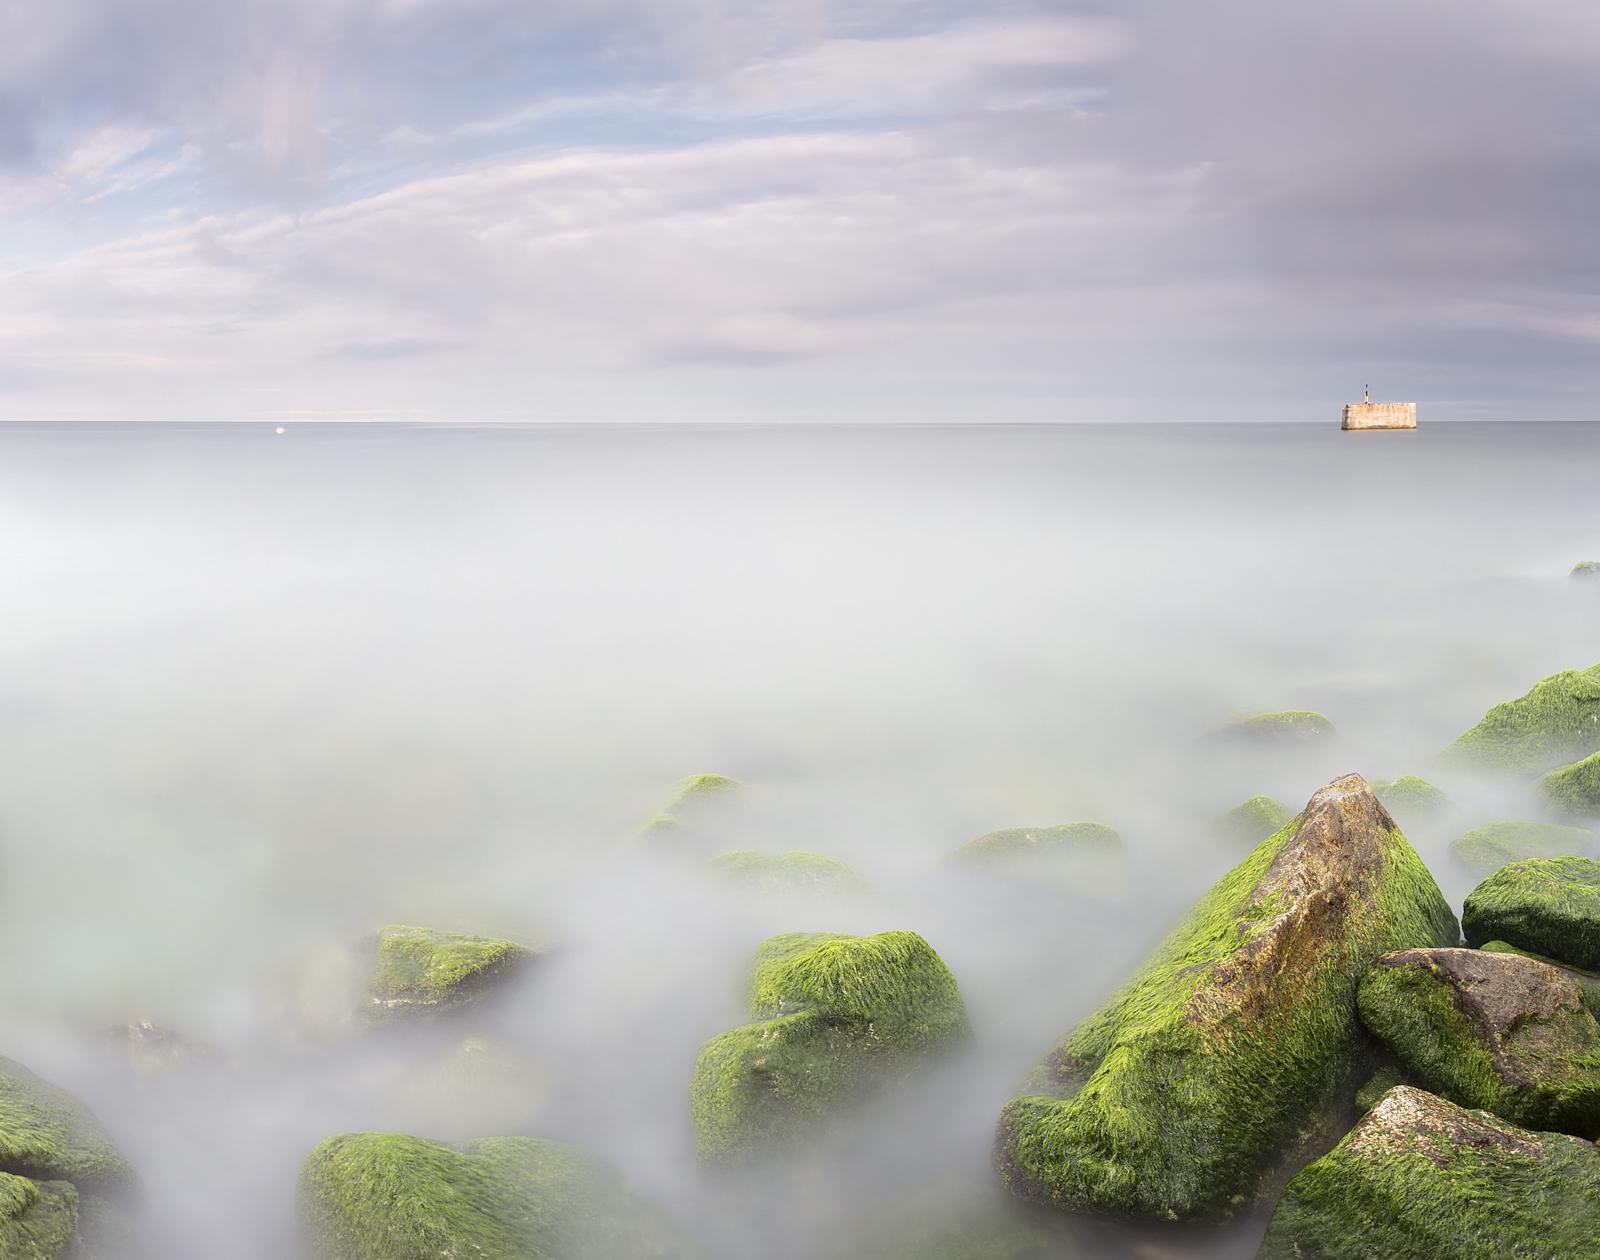 Fotografía de paisaje larga exposición, Badalona, Besos. Filtro ND, Canon 6D,Danilatorre,danilatorre, Dani Latorre, daniel Latorre